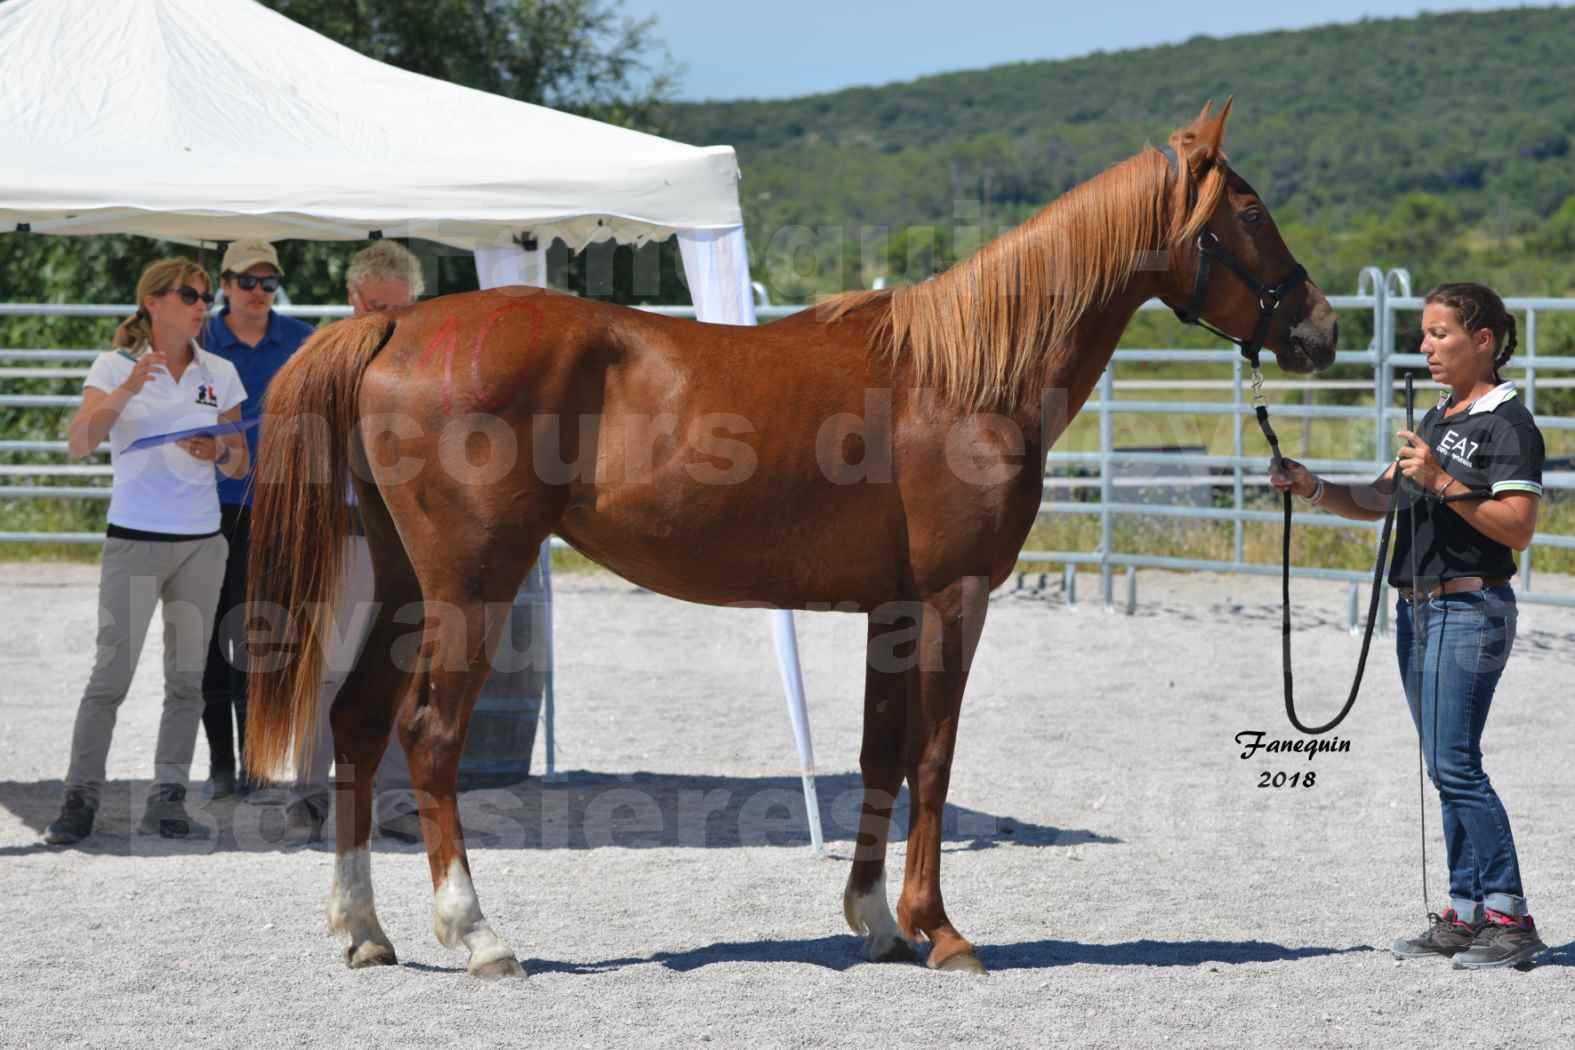 Concours d'Elevage de chevaux Arabes  le 27 juin 2018 à la BOISSIERE - FINLEY DES DOLINES - 11